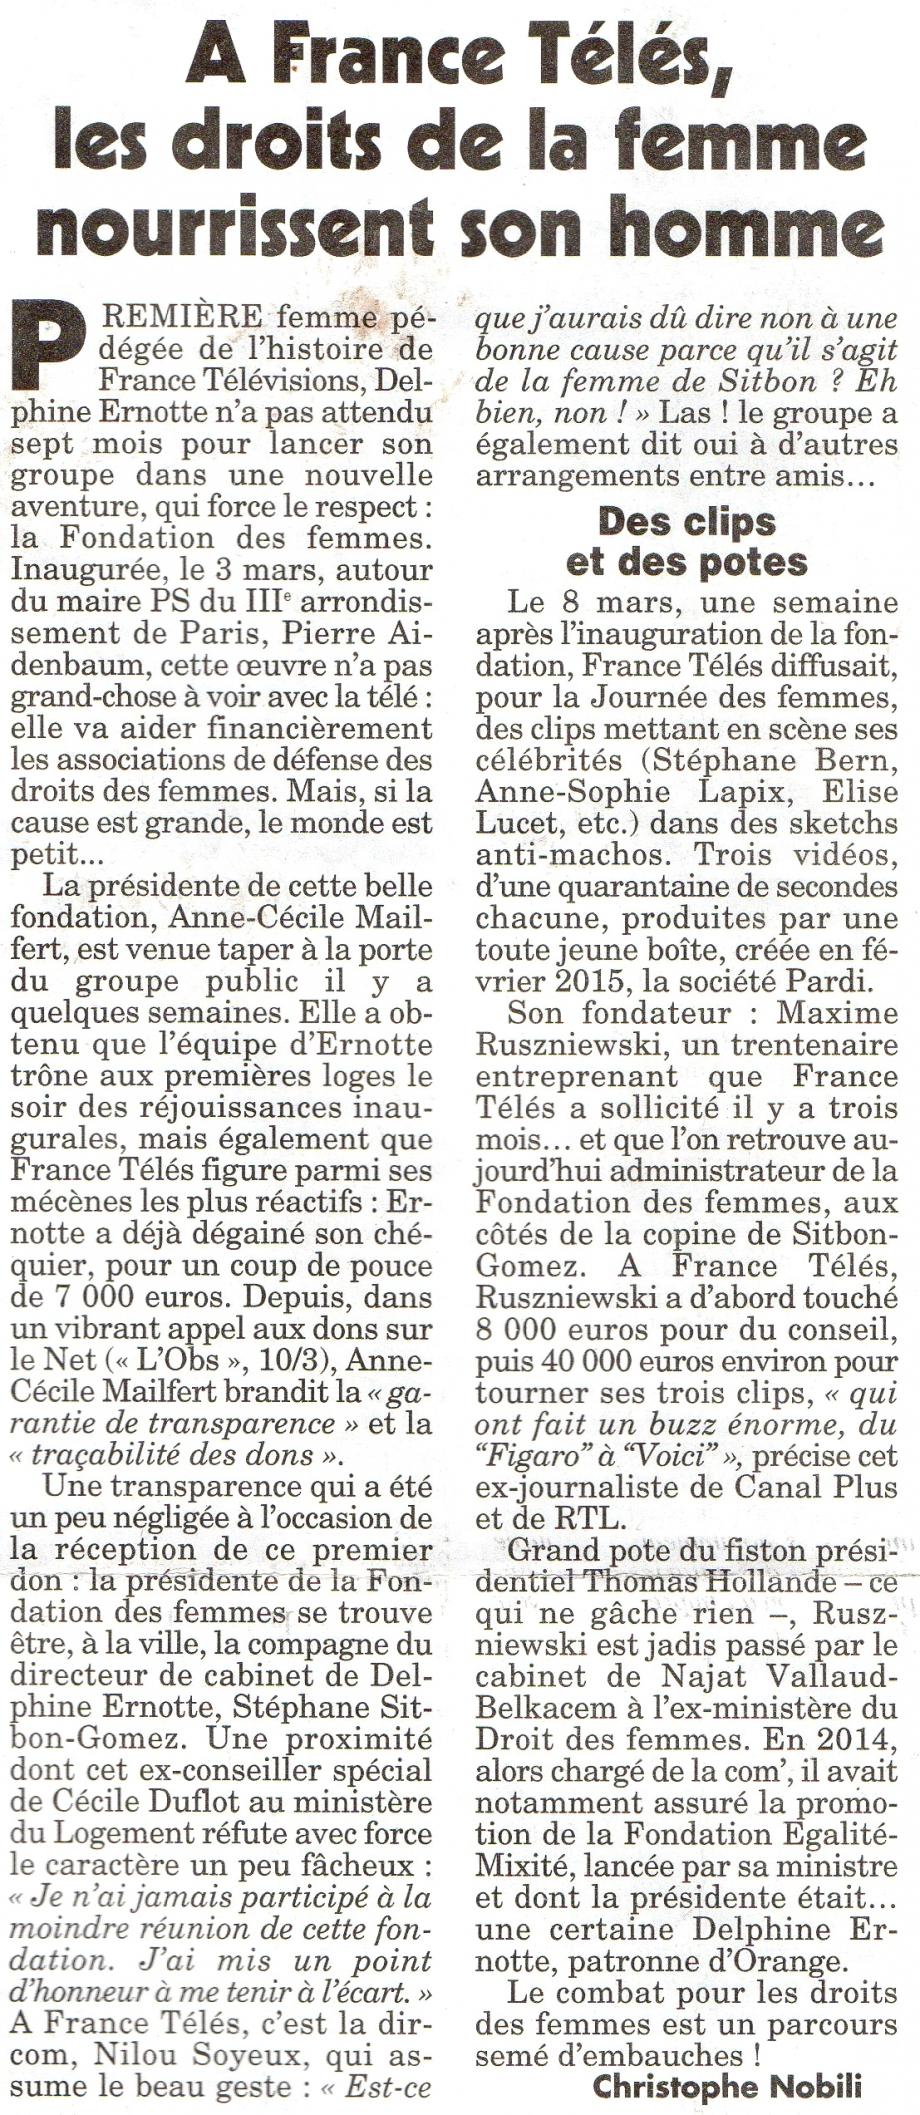 A France Télés les droits de la femme nourrissent son homme.jpg